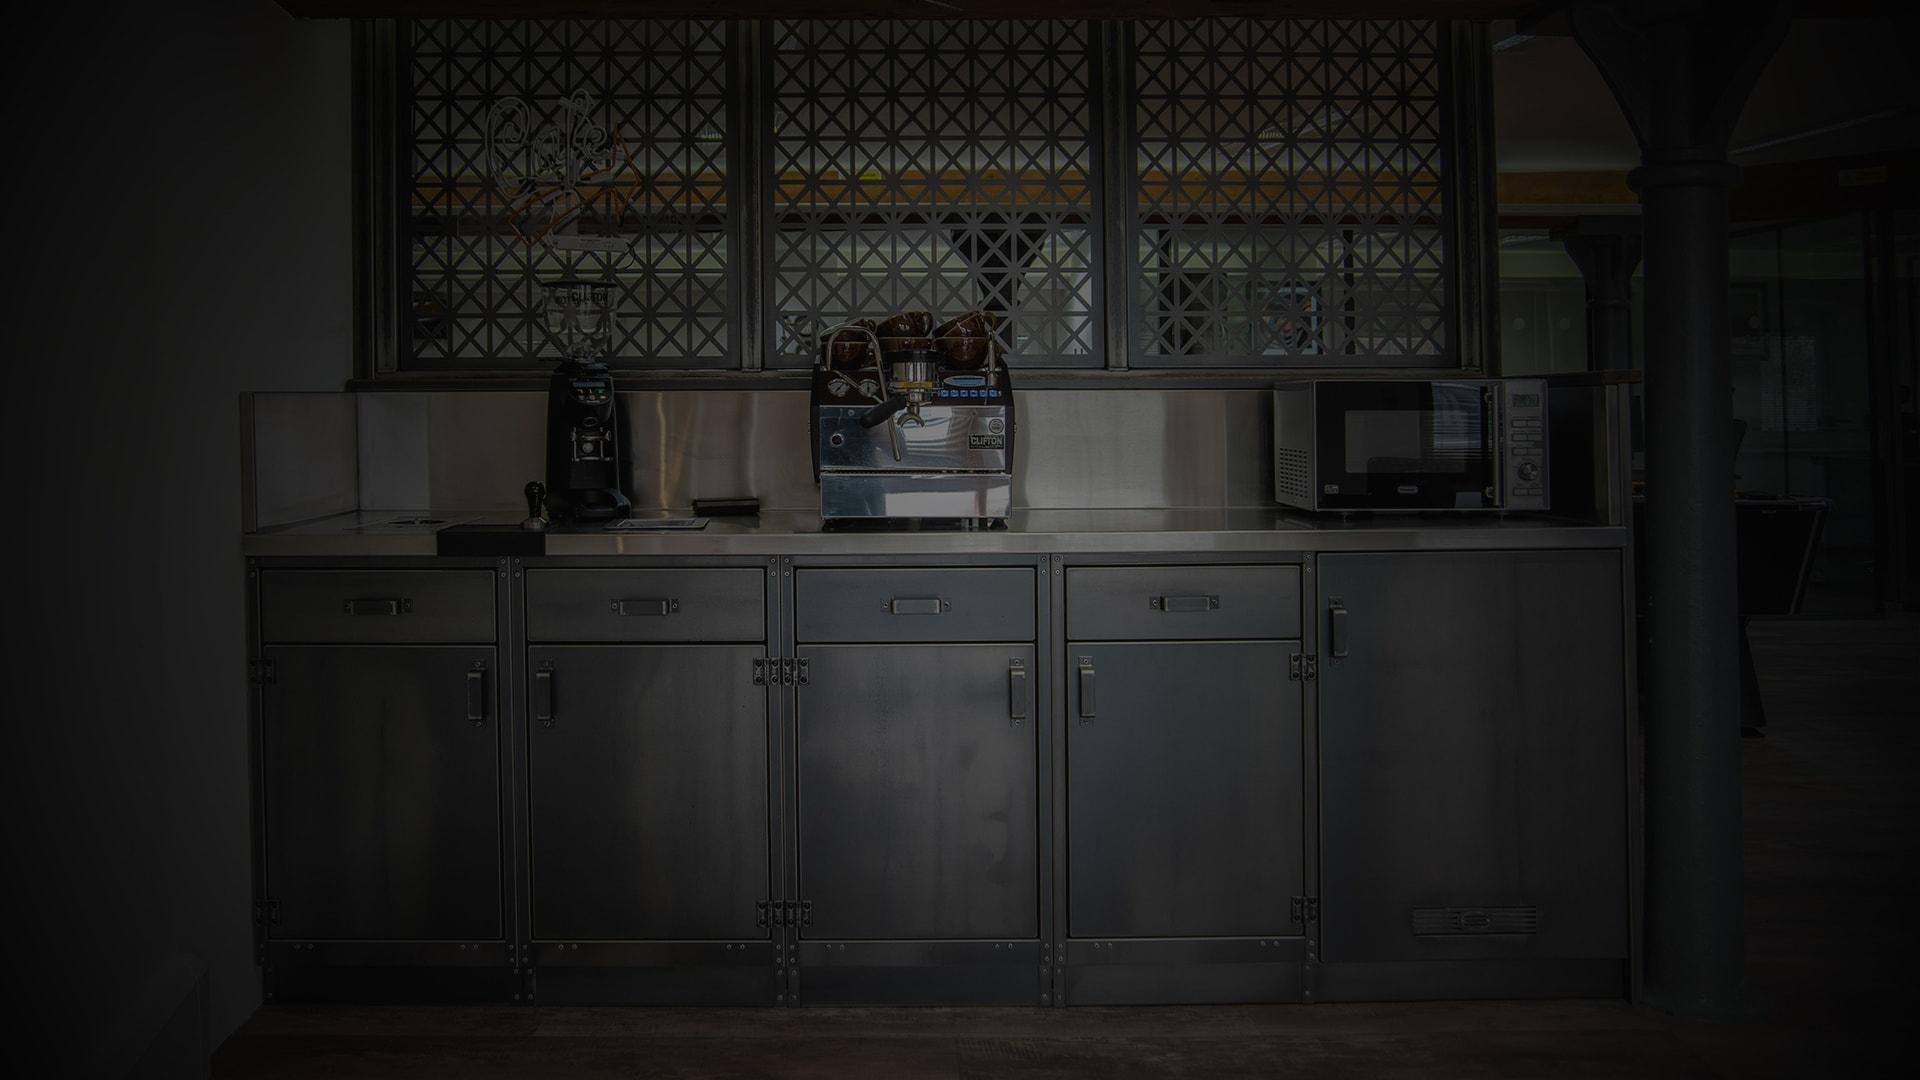 SV workshop kitchen closeup darkened